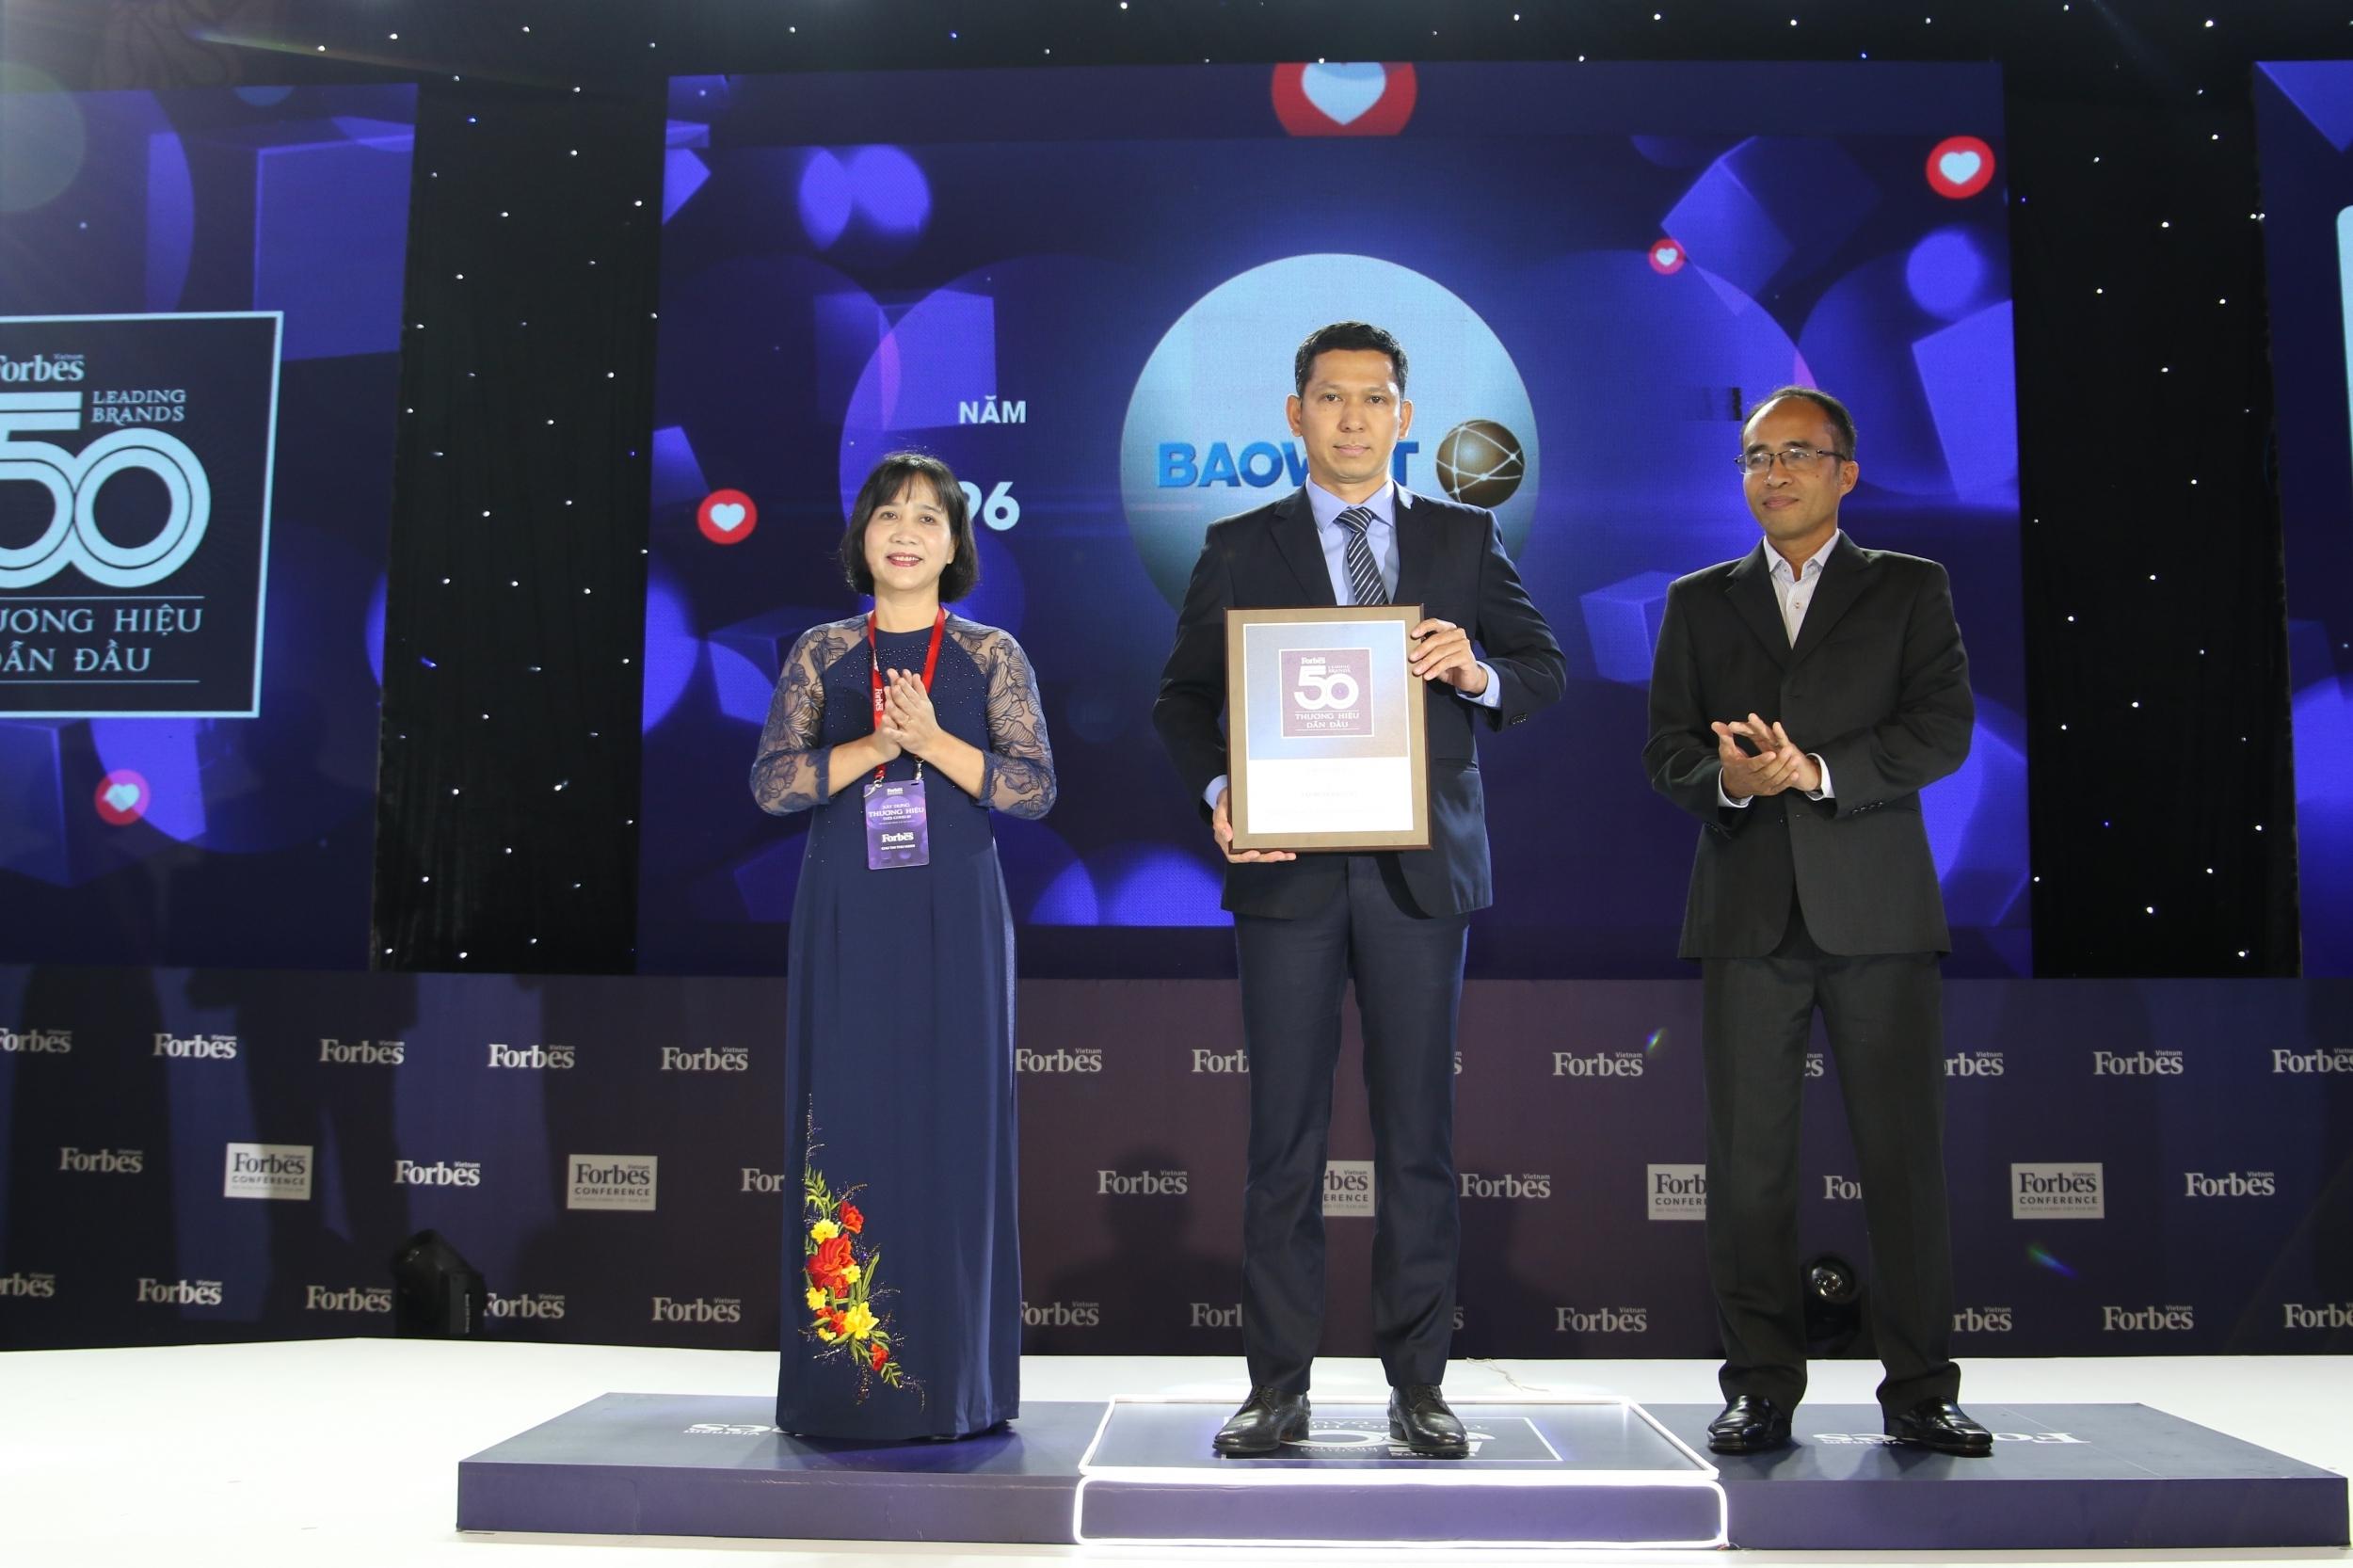 Bảo Việt - thương hiệu bền vững được Forbes bình chọn 5 năm liên tiếp dẫn đầu ngành bảo hiểm